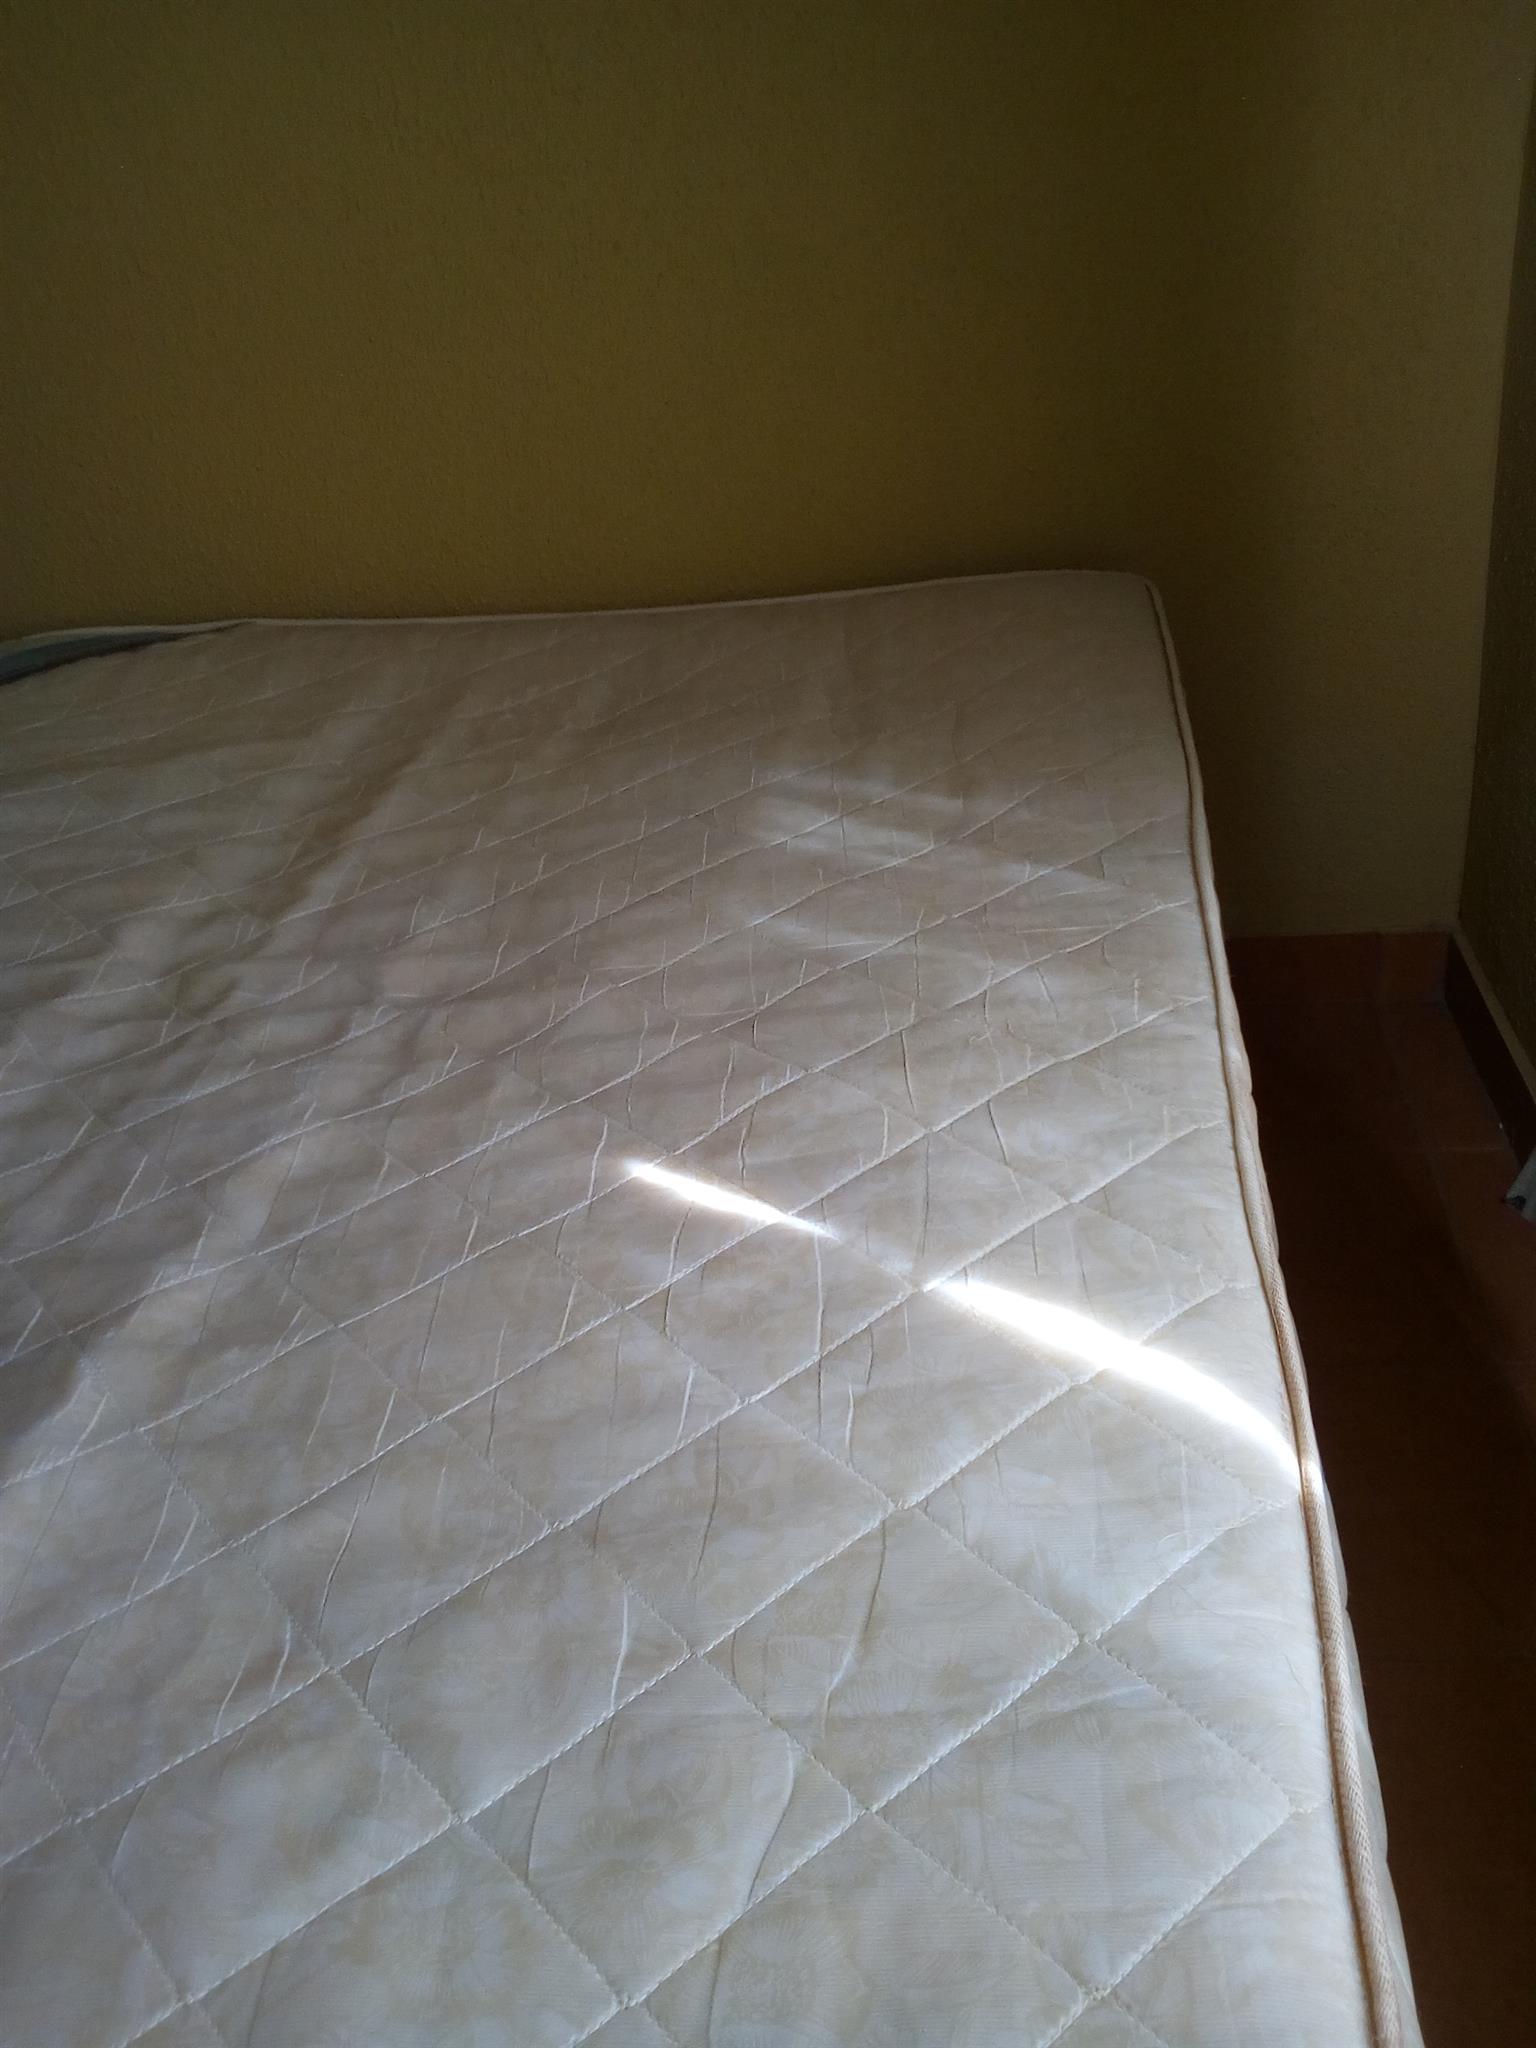 Base and mattress